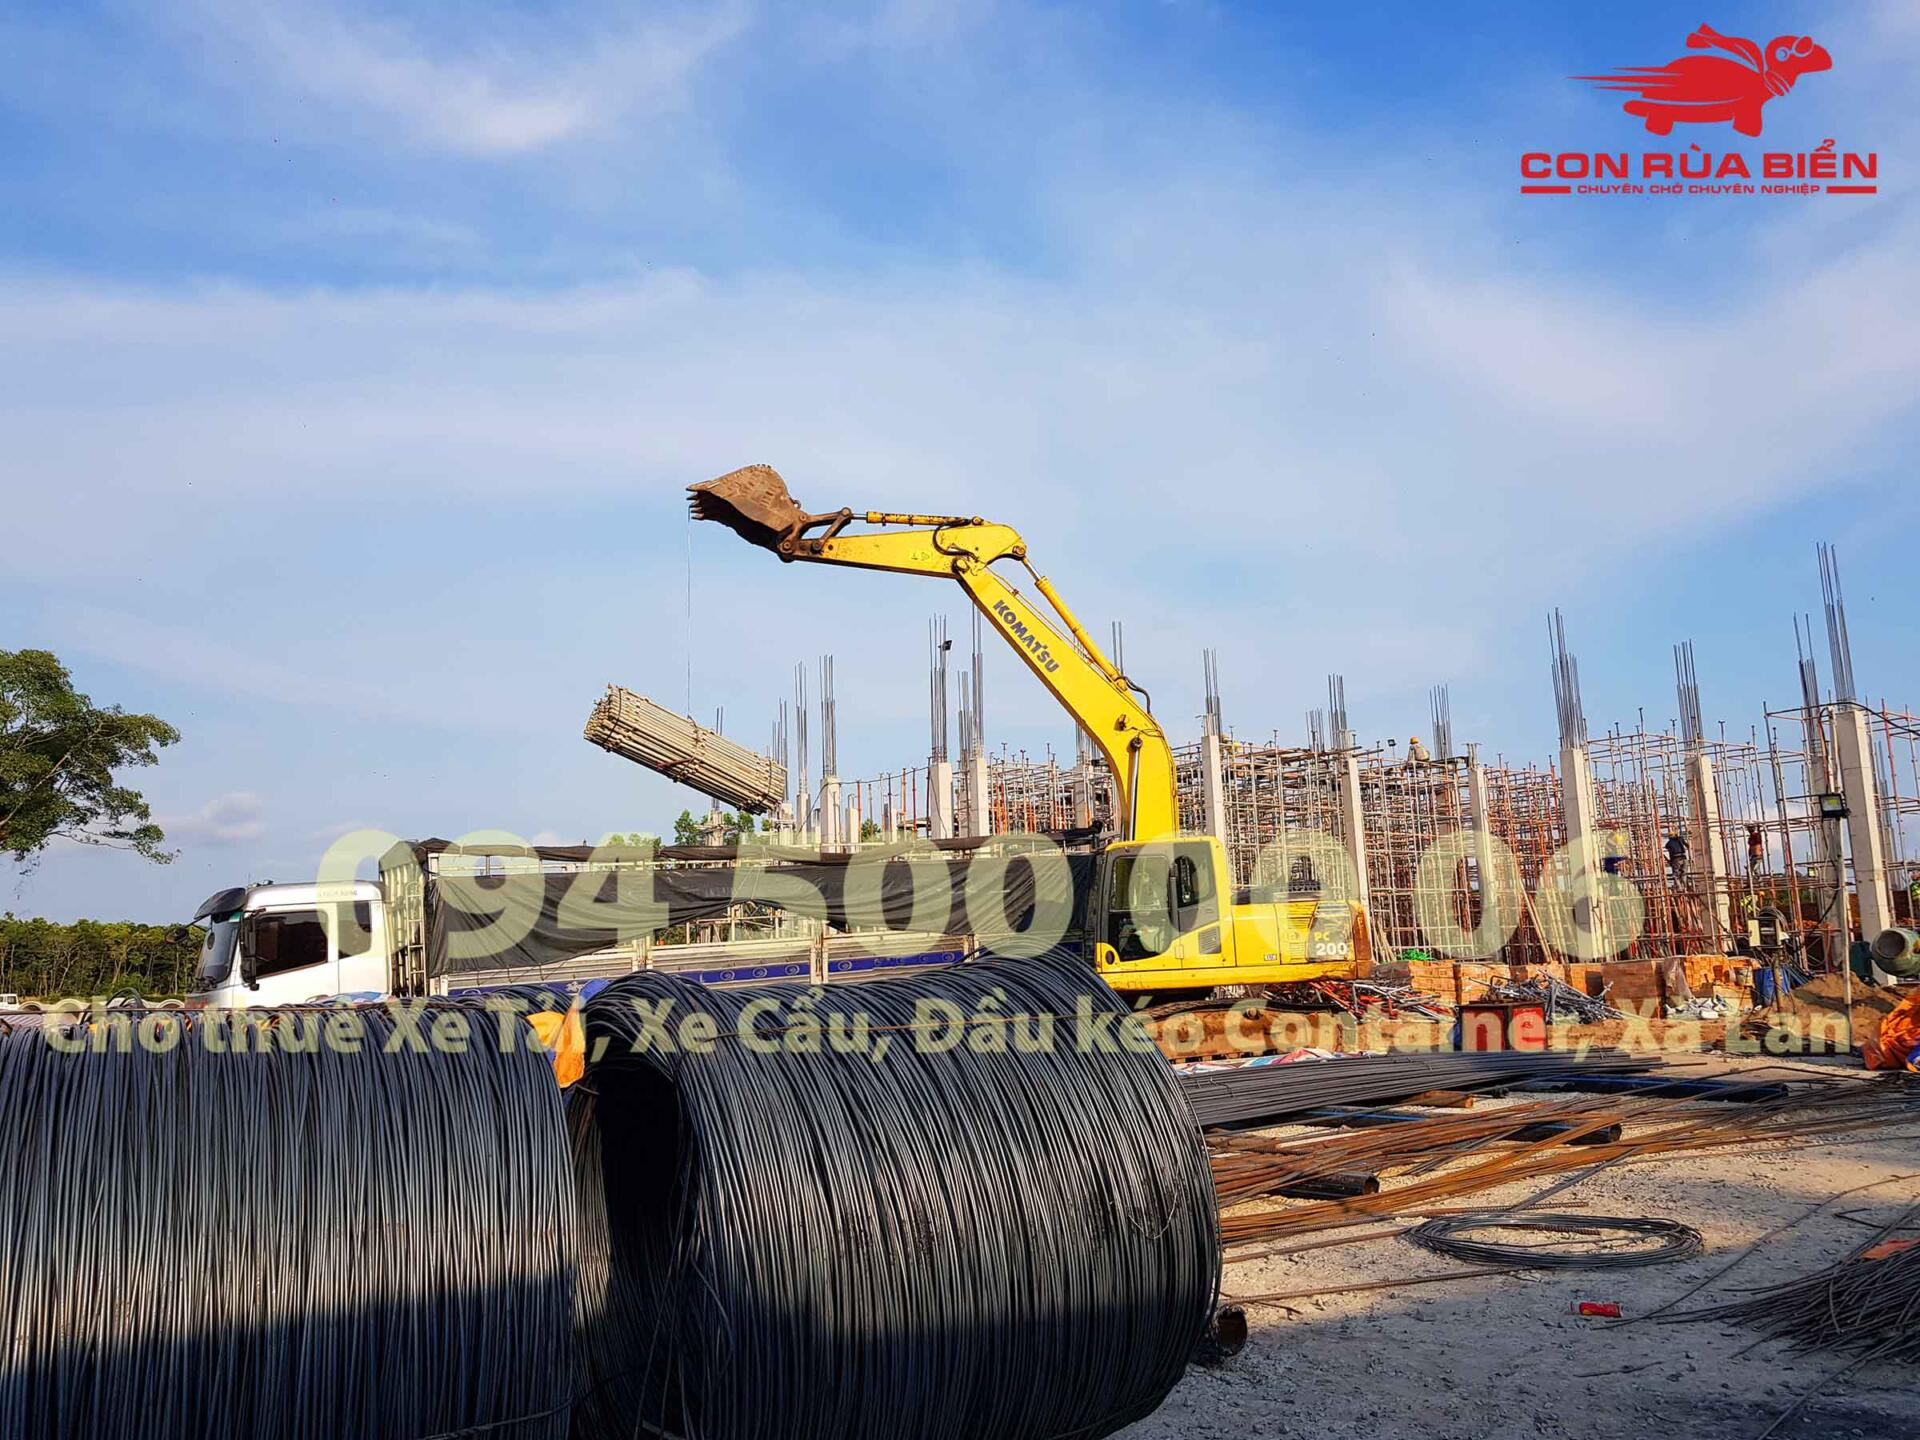 (Ảnh: Dự án vận chuyển Giàn Giáo công trình đi Phú Quốc - Chành xe Phú Quốc - Con Rùa Biển; trong ảnh là cảnh xe cuốc đang đưa giàn giáo từ công trình lên xe tải 20 tấn tại Phú Quốc)